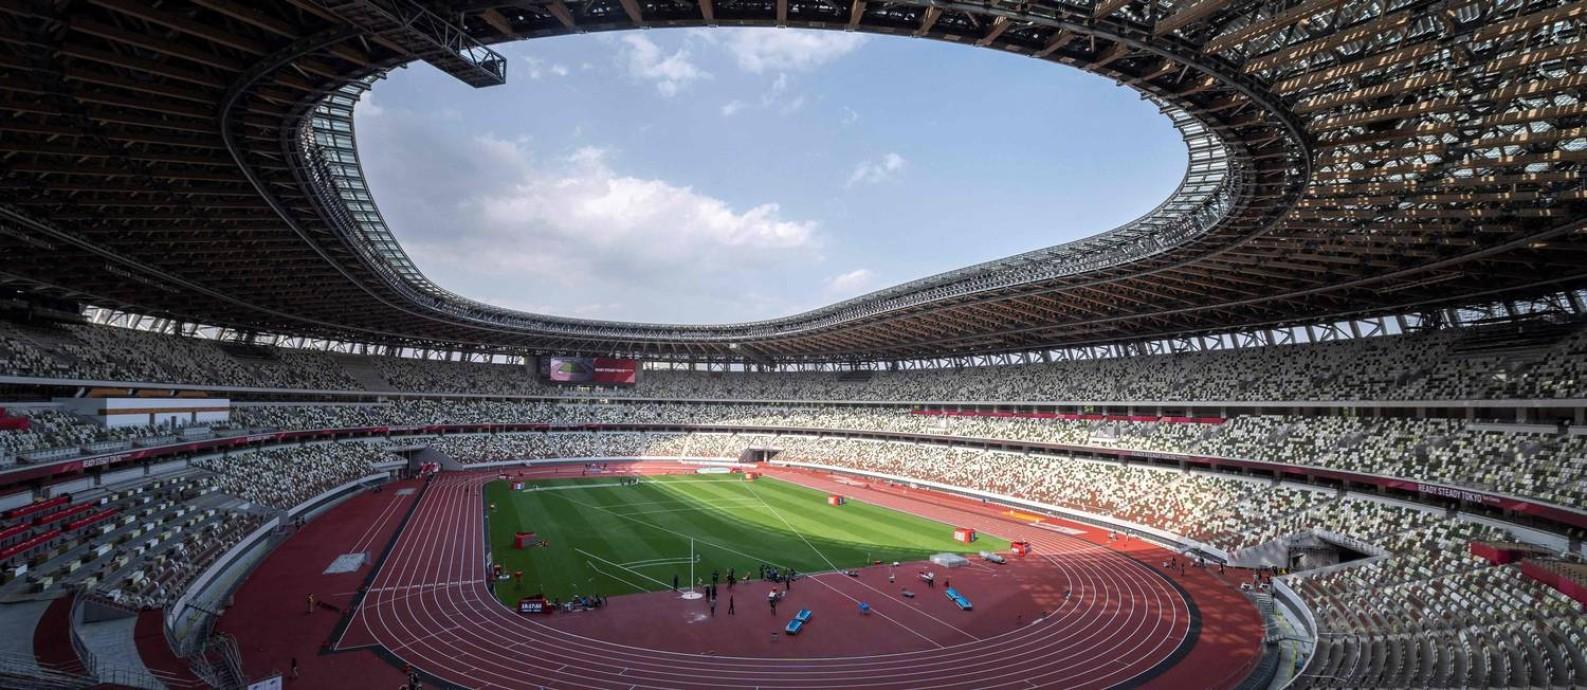 Estádio Nacional de Tóquio custou cerca de US$ 1,4 bilhão Foto: CHARLY TRIBALLEAU / AFP